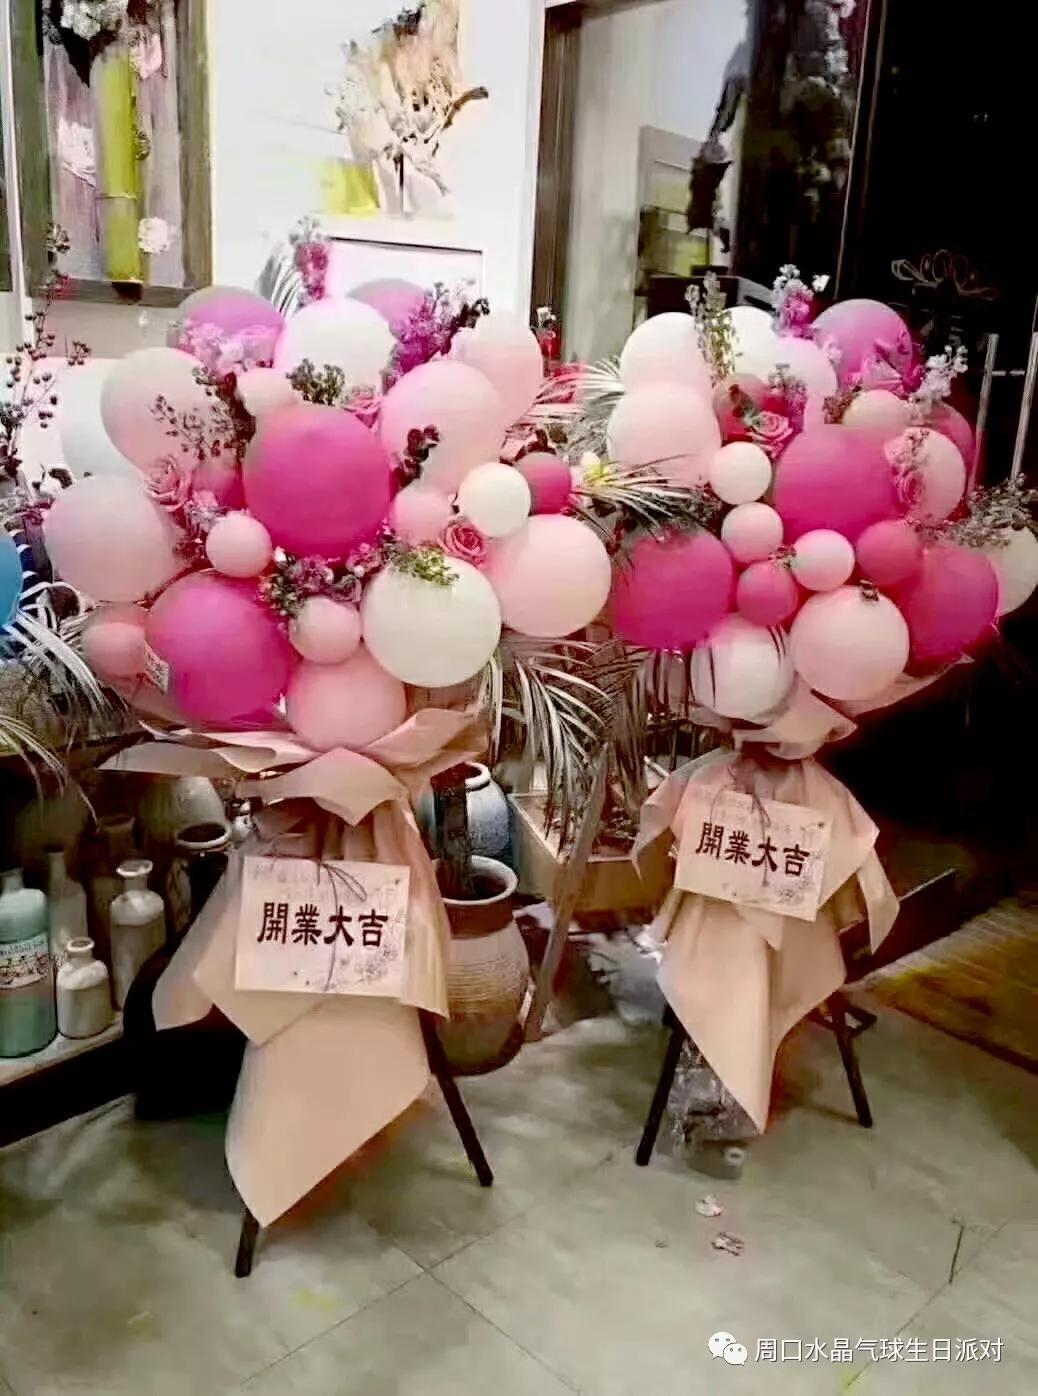 開業氣球布置圖片大全!適合美容店、門市開業裝飾